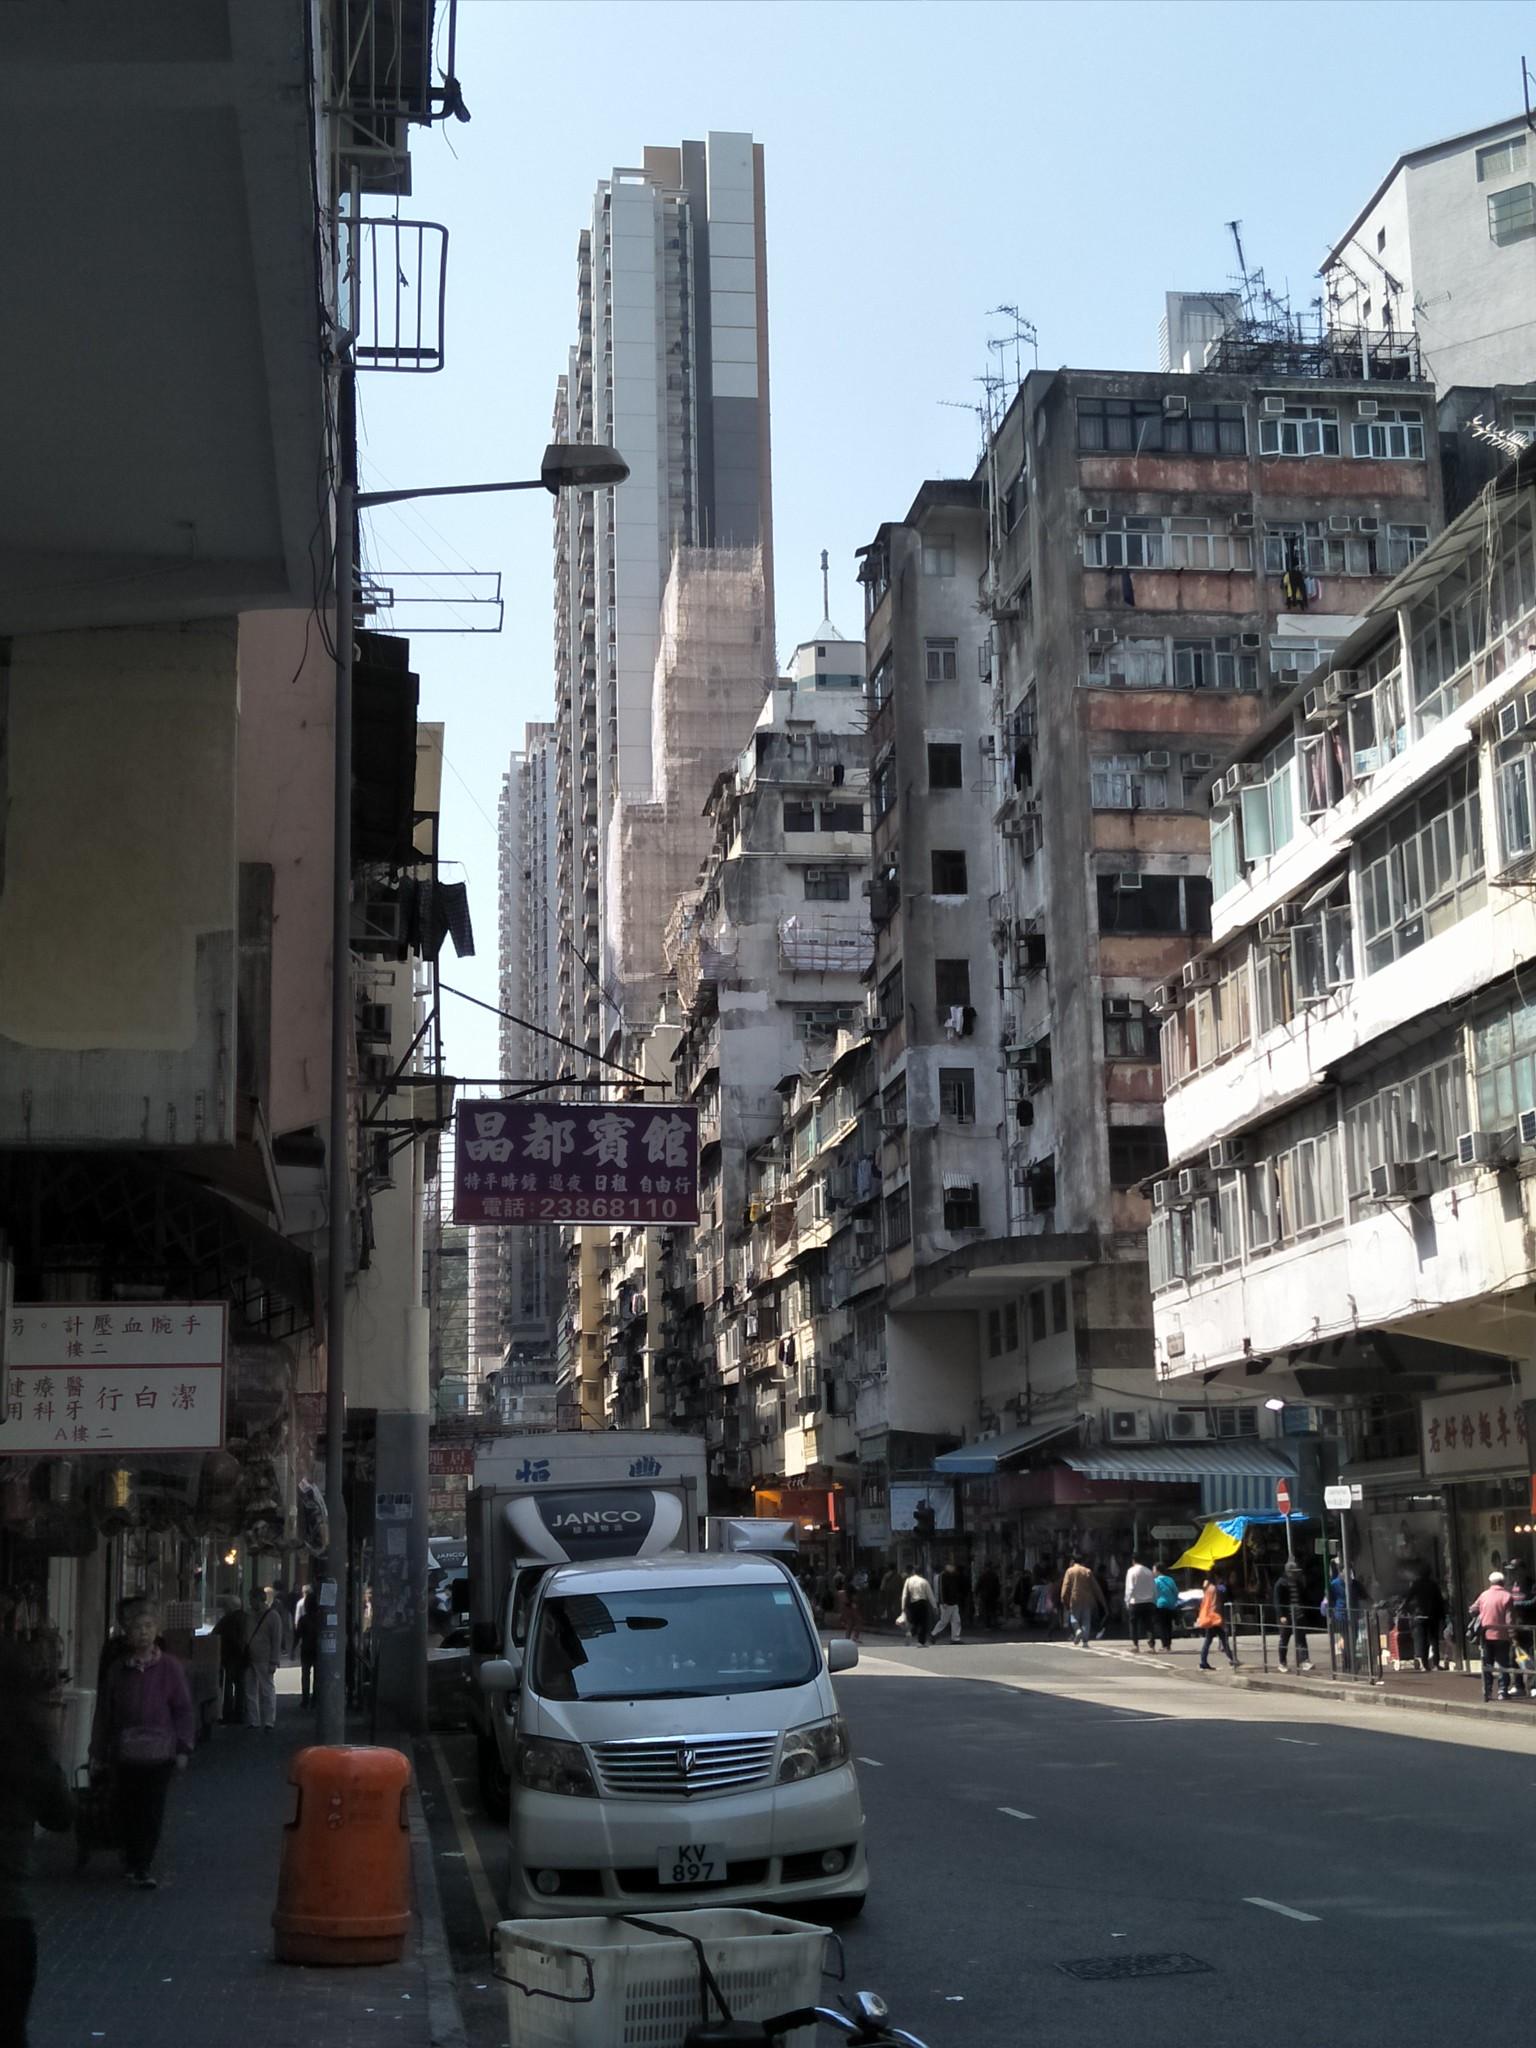 香港深水埗。(照片提供:鍾喬)